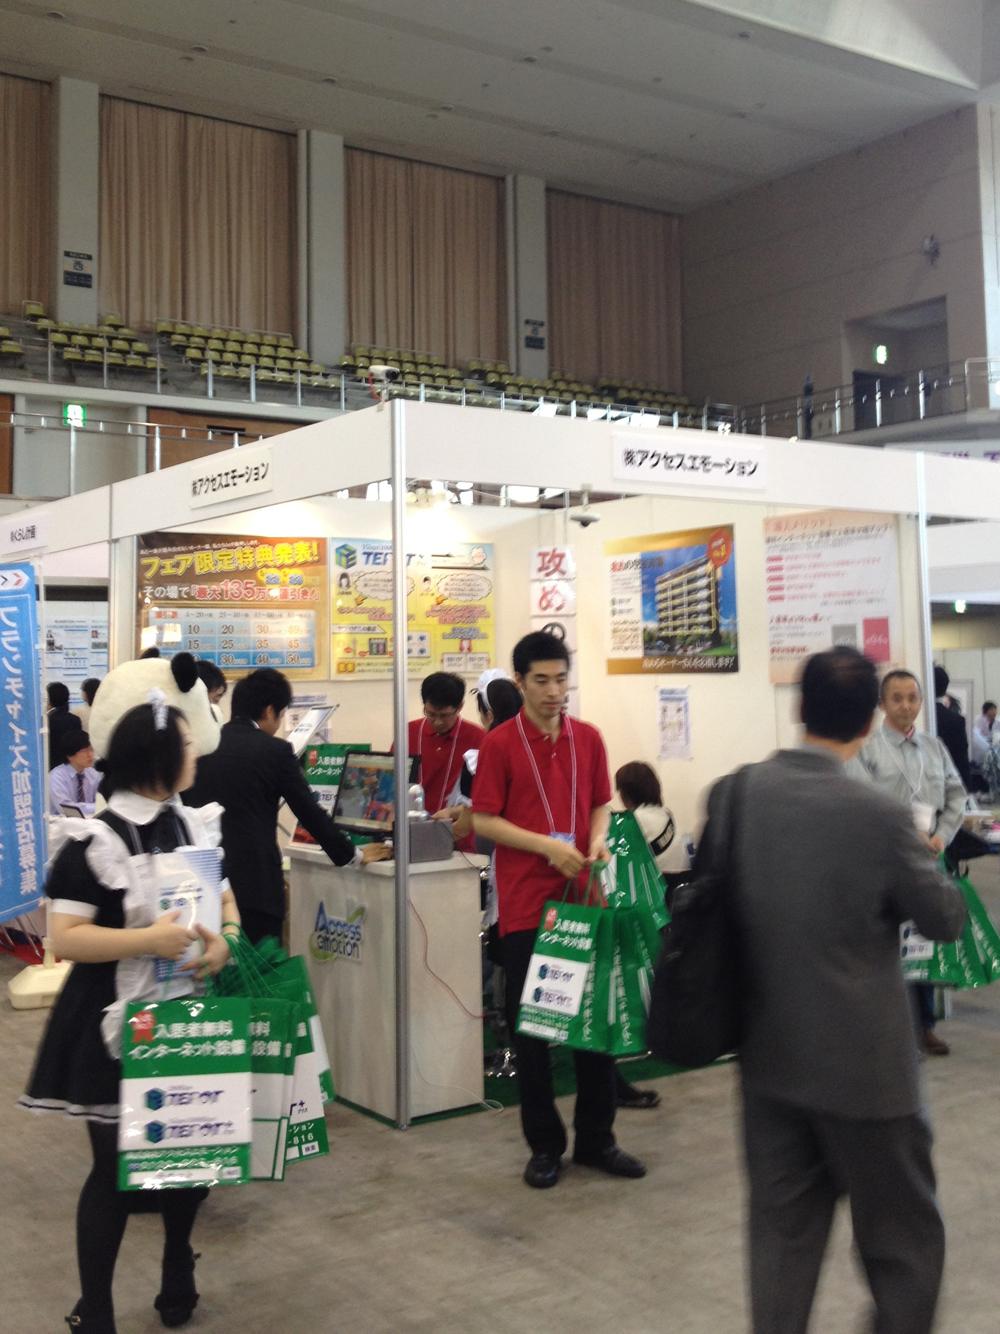 「賃貸住宅フェア2012in福岡」へのご来場ありがとうございまし ...